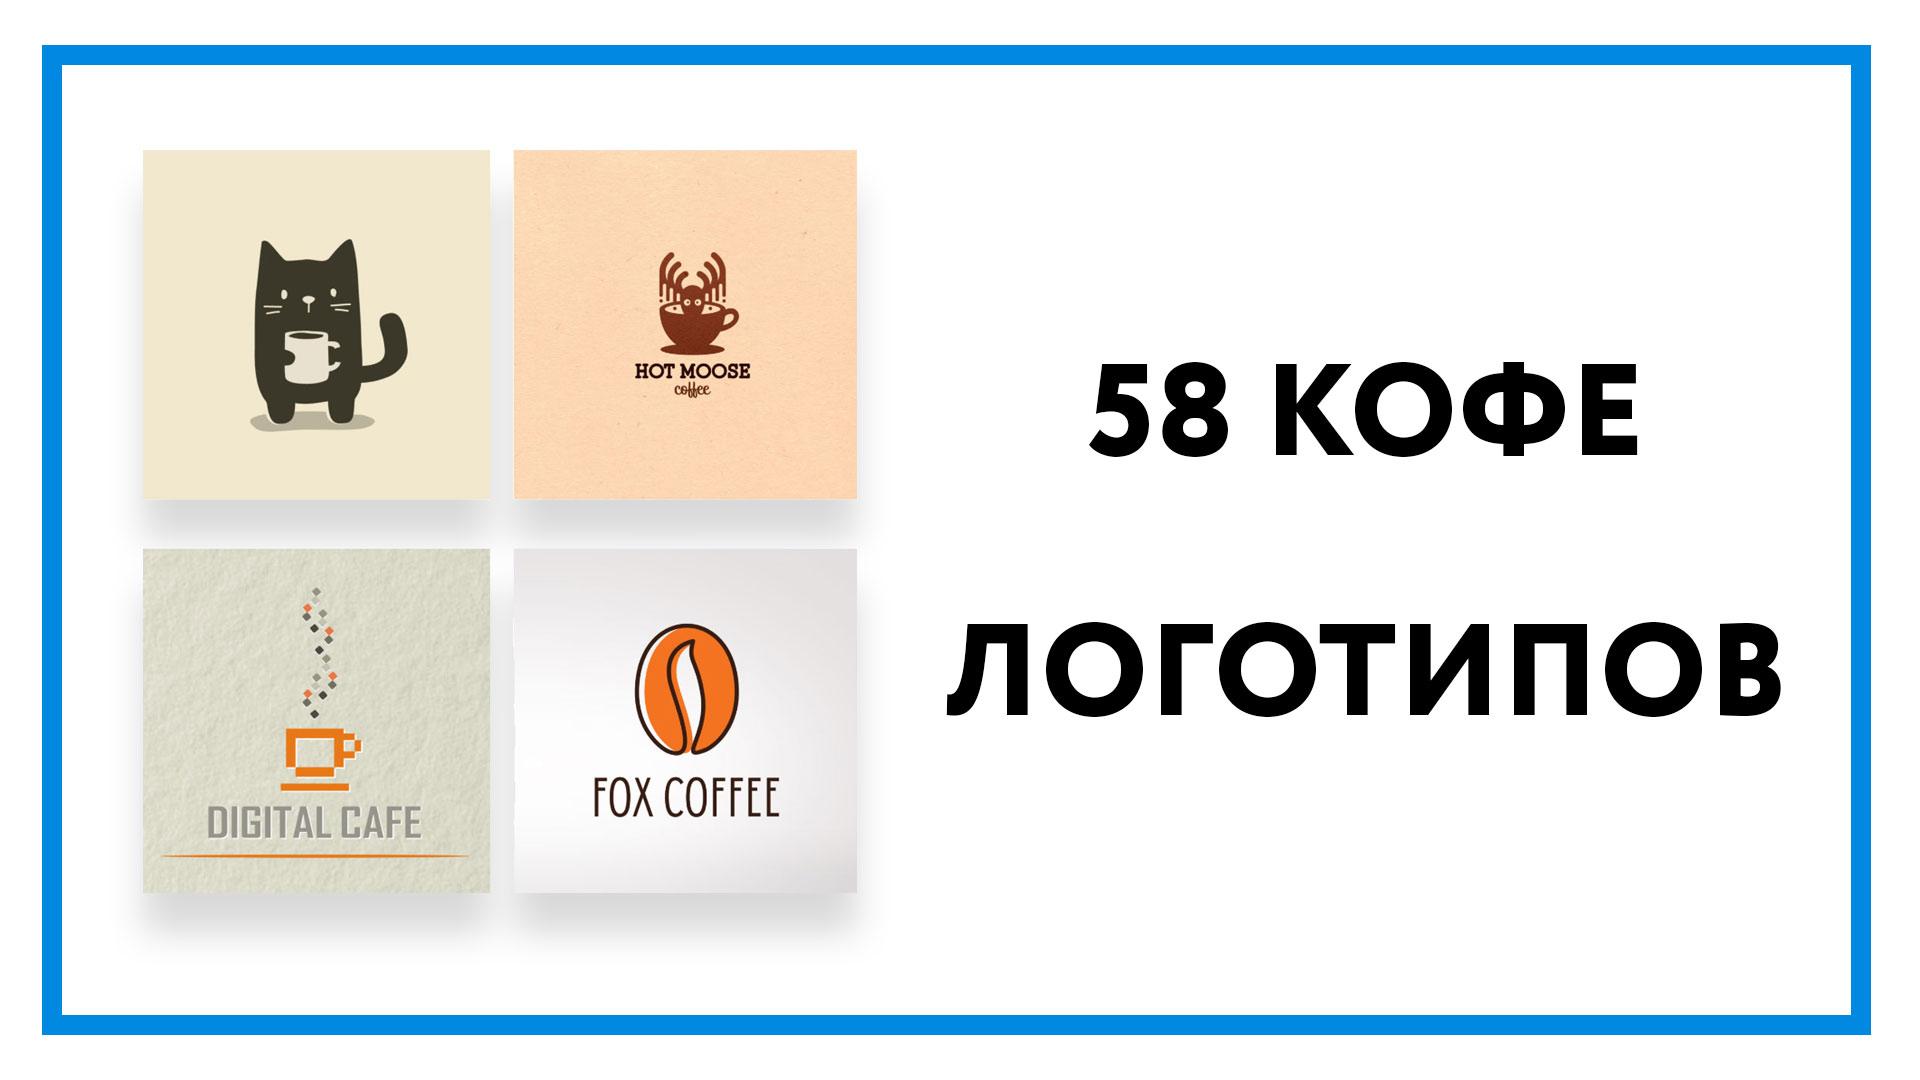 logotip-kofe.jpg